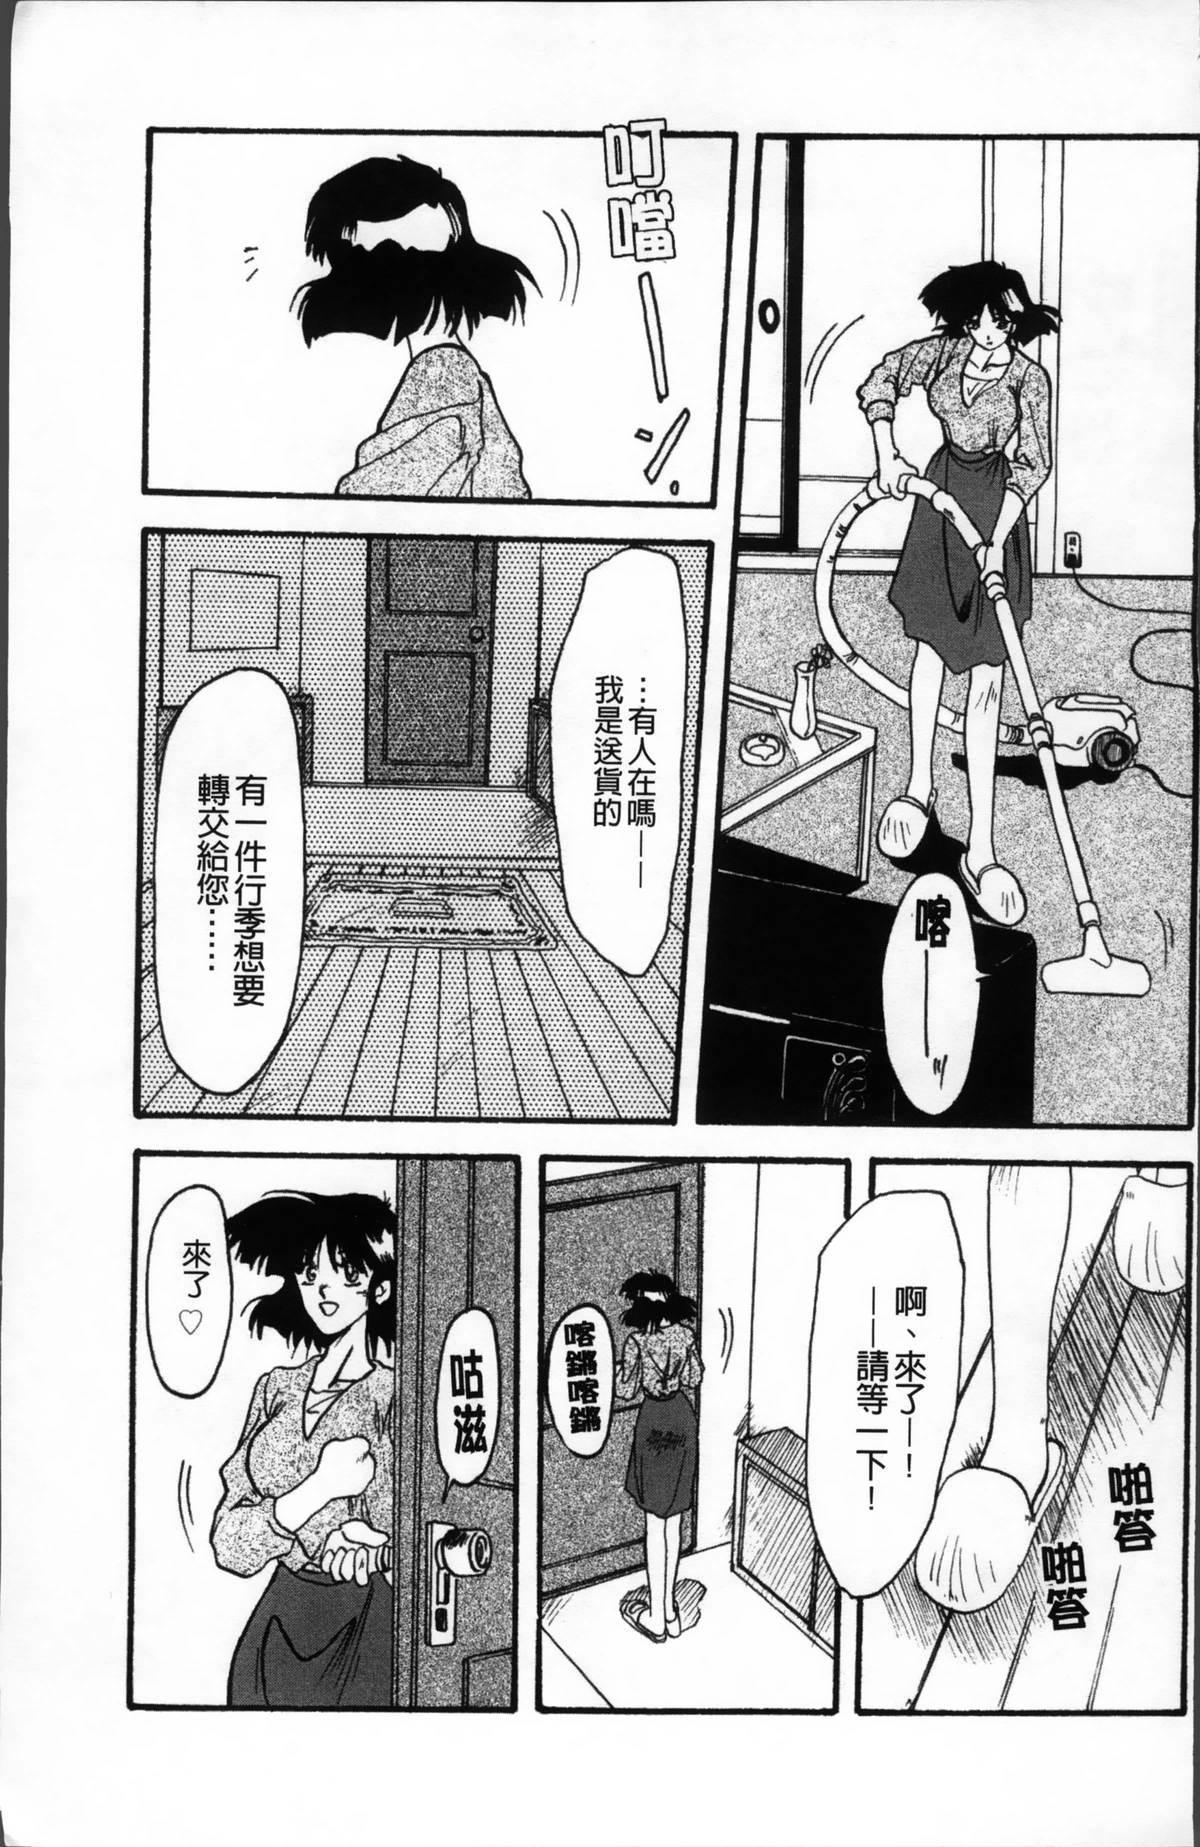 Hiiro no Koku Kanzenban   緋色之刻 完全版 10